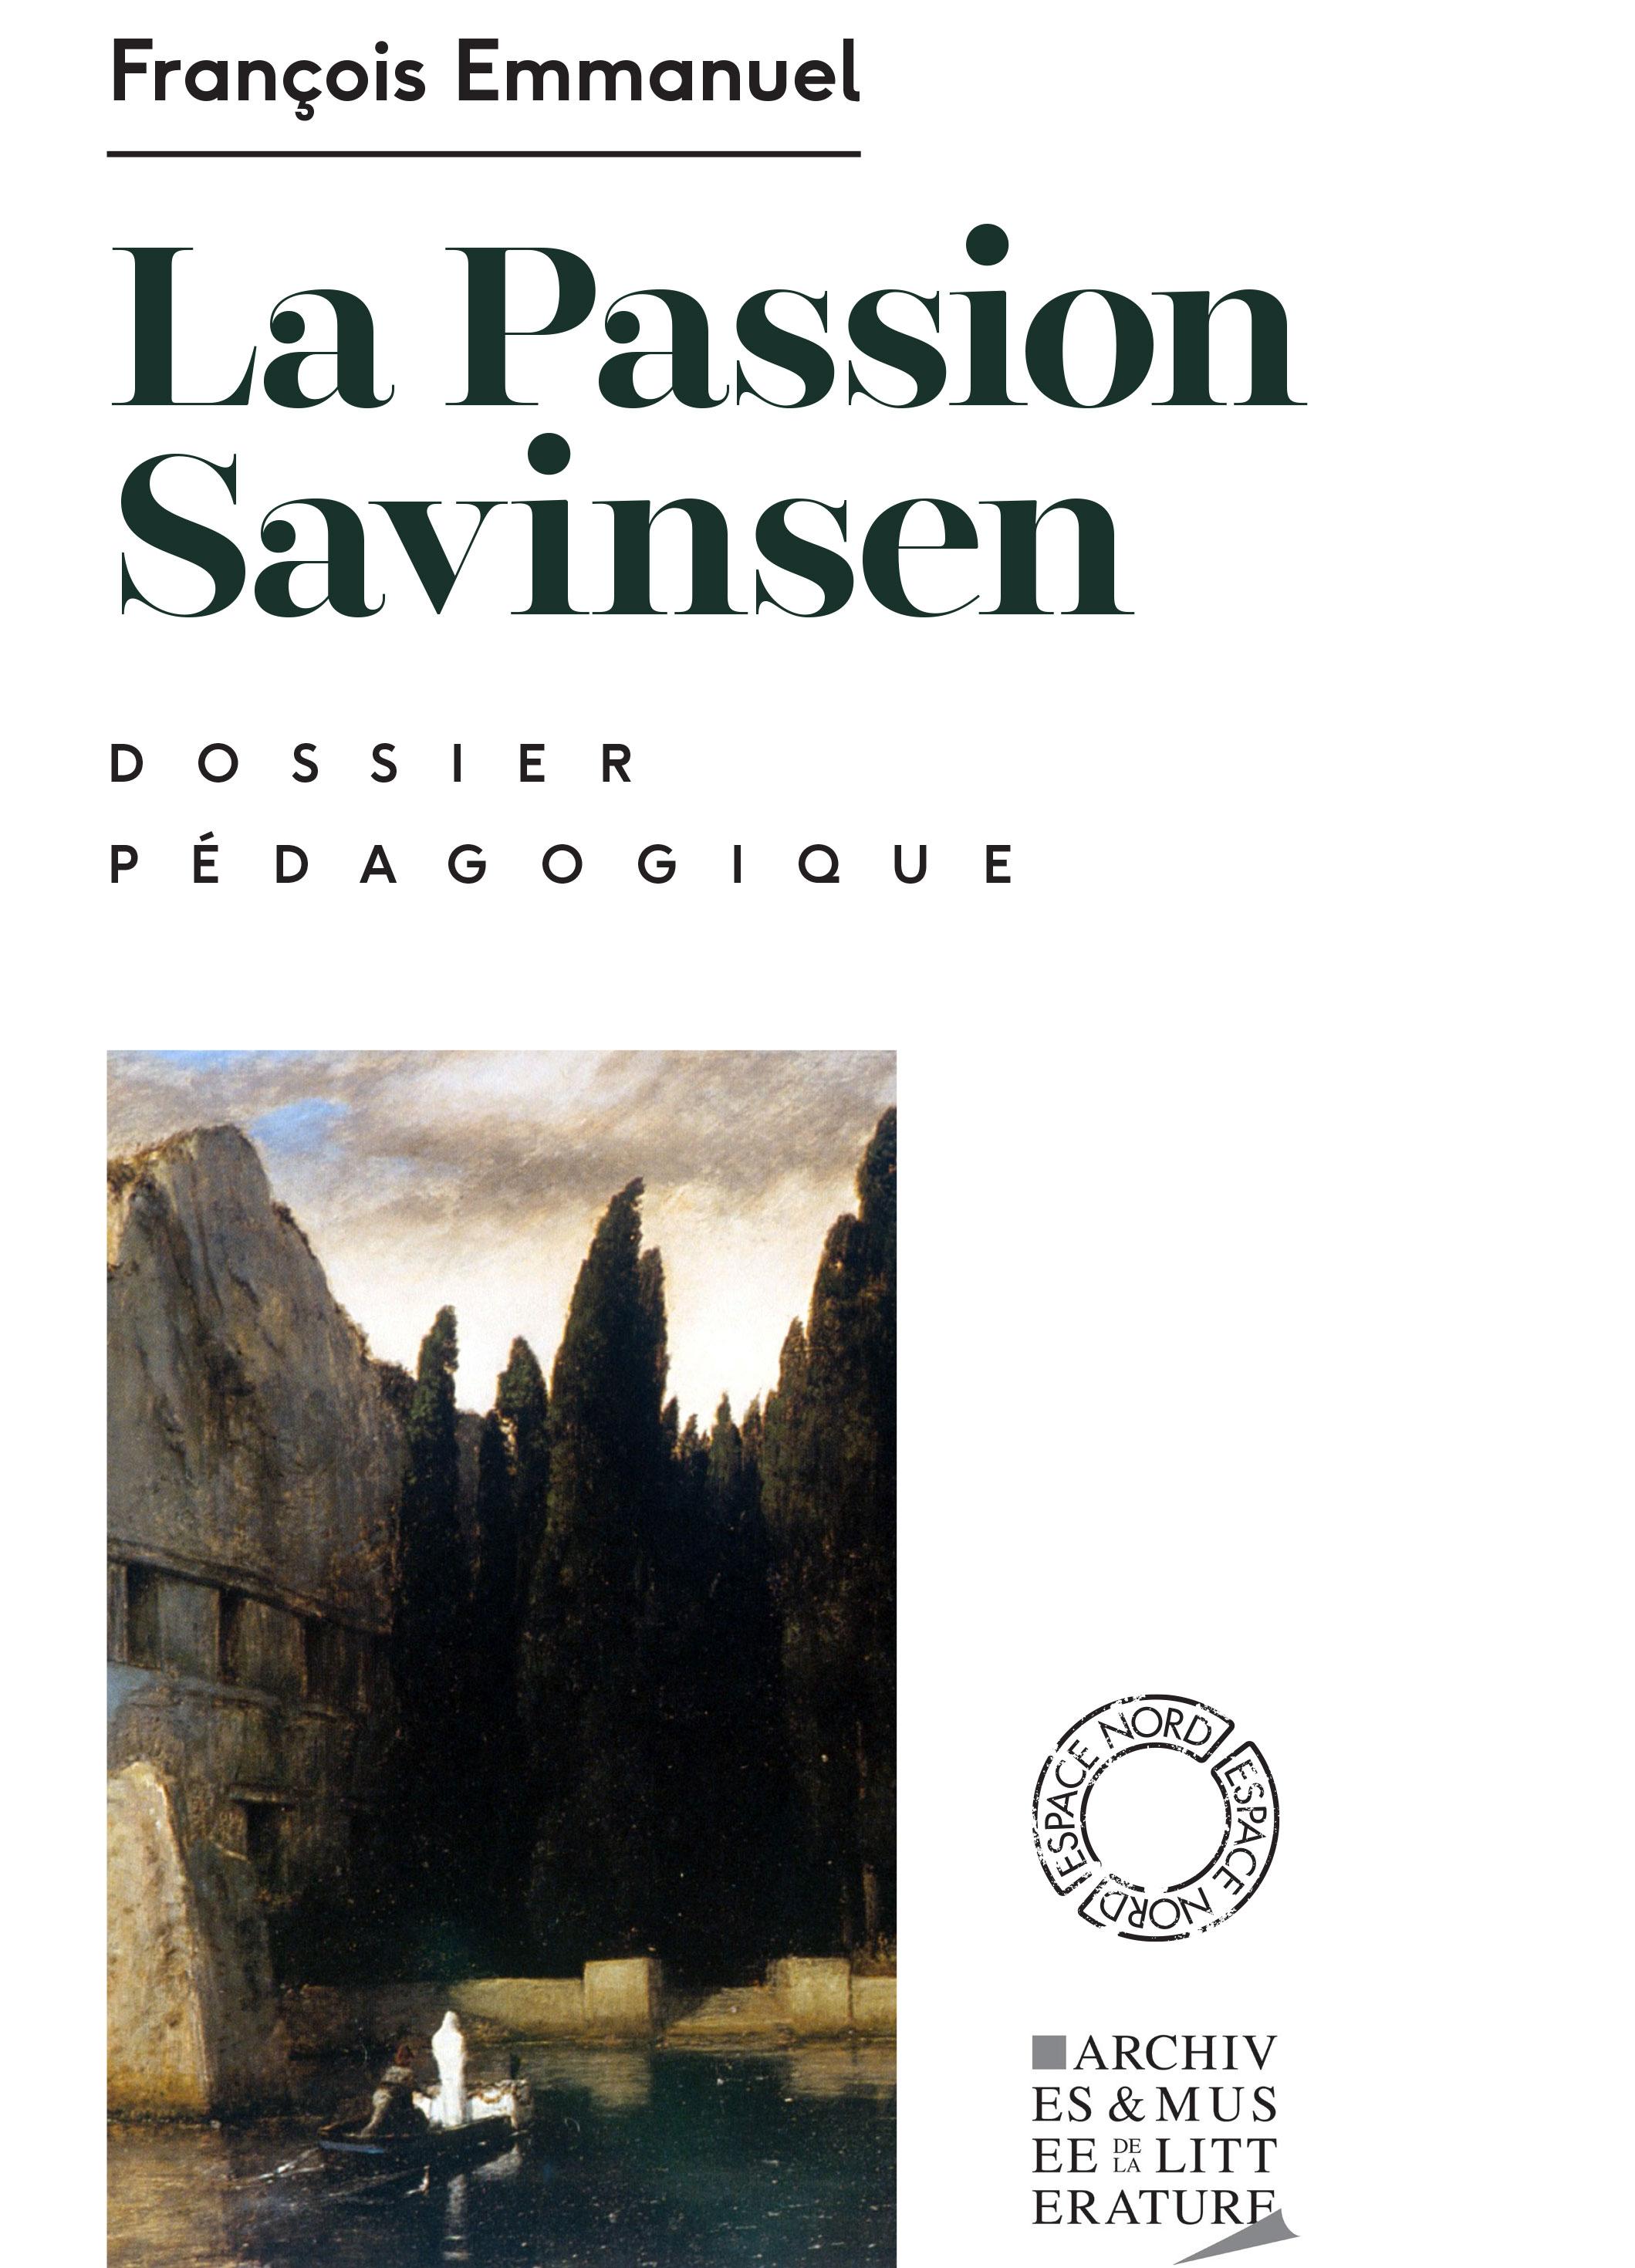 Dossier pédagogique : La Passion Savinsen